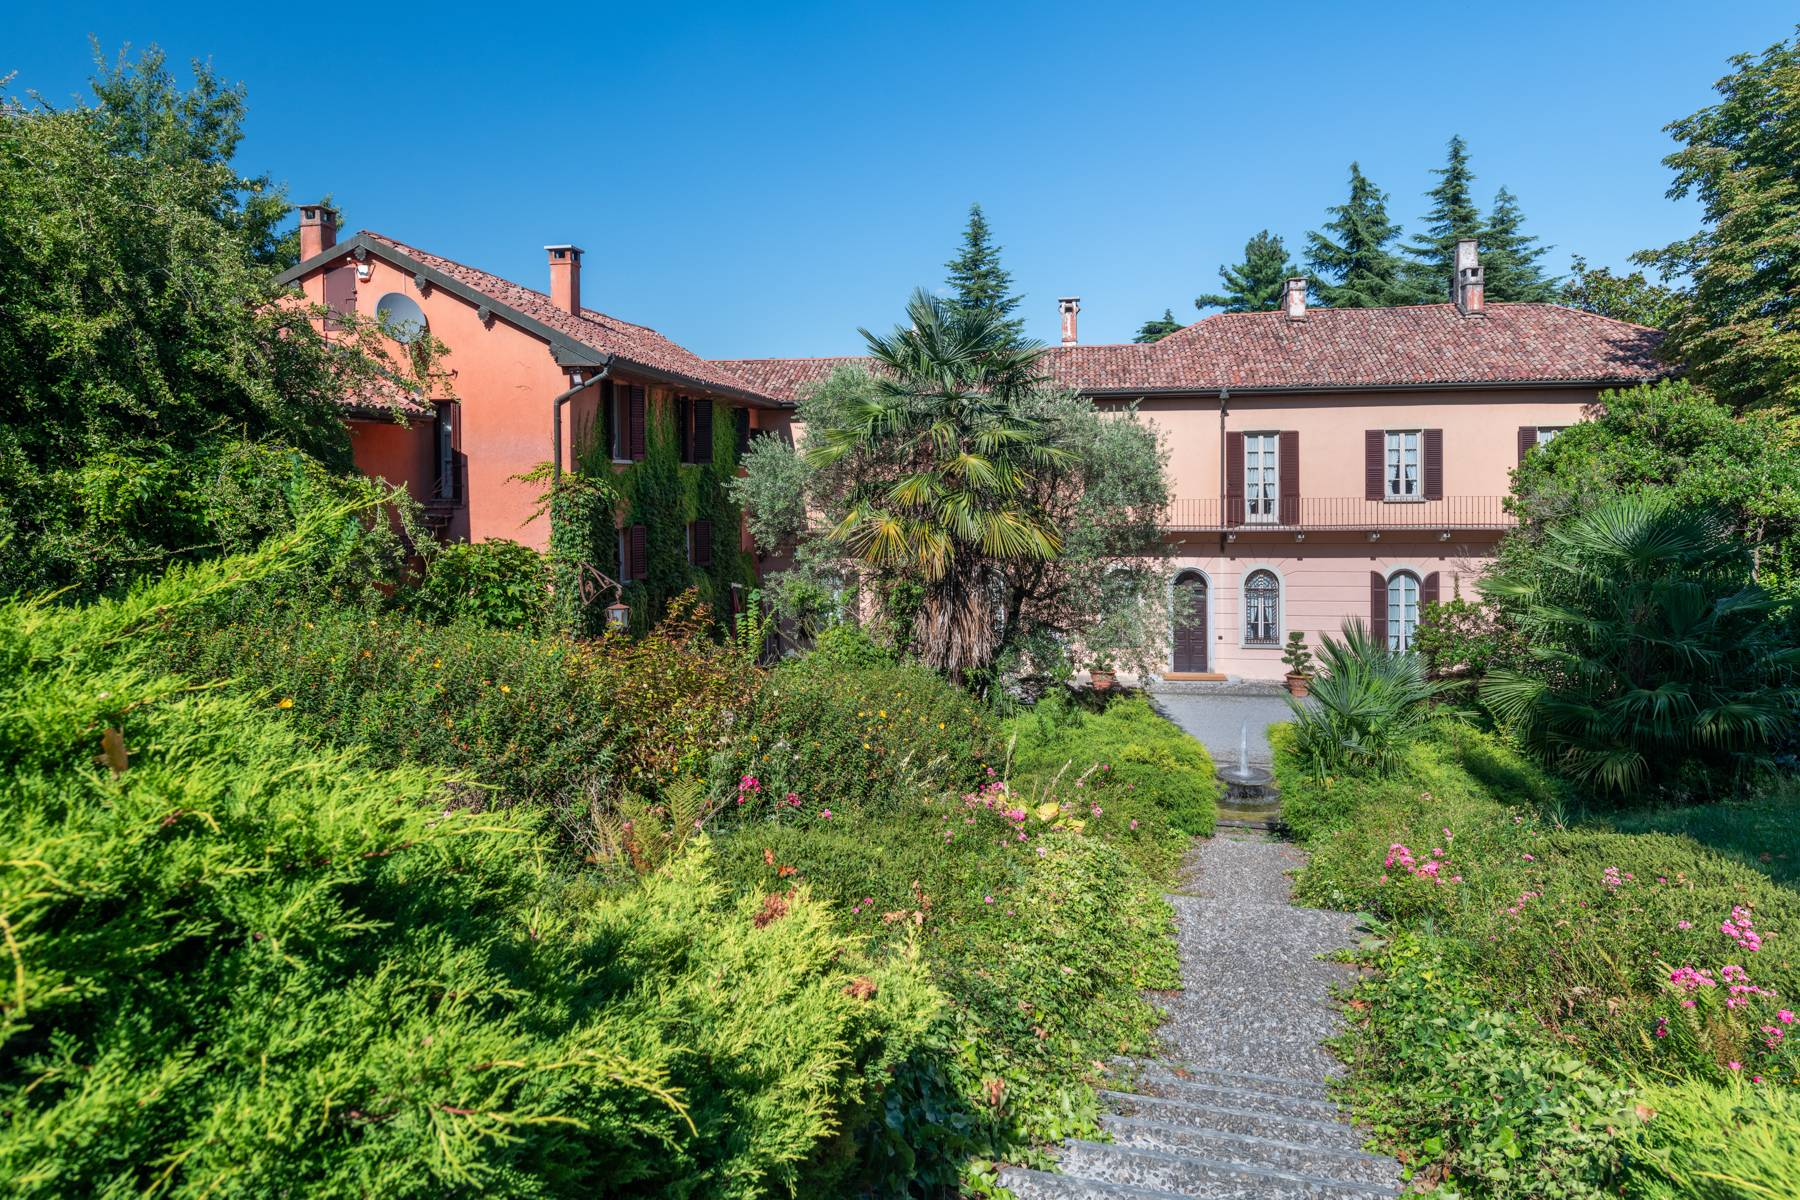 Villa in Vendita a Merate: 5 locali, 1200 mq - Foto 15